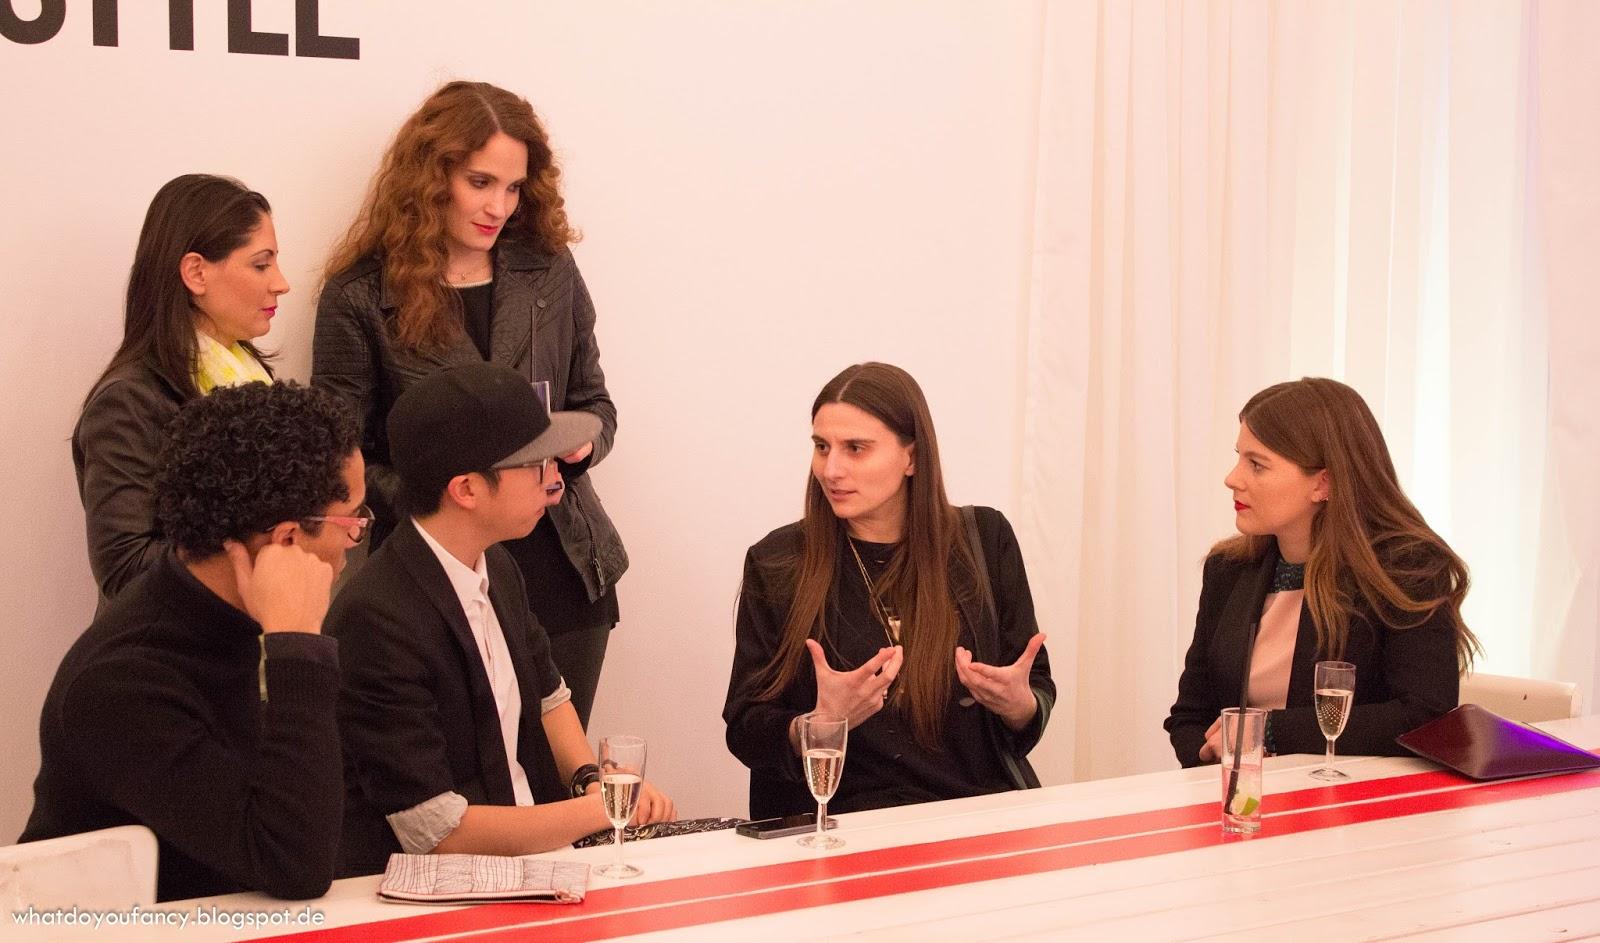 L'Oréal lud zum Launch der neuen Studio Line #TXT-Produkte + App #TXTMYSTYLE ein_Shootingfläche_Justin Wu und Jessica Weiß im Gespräch